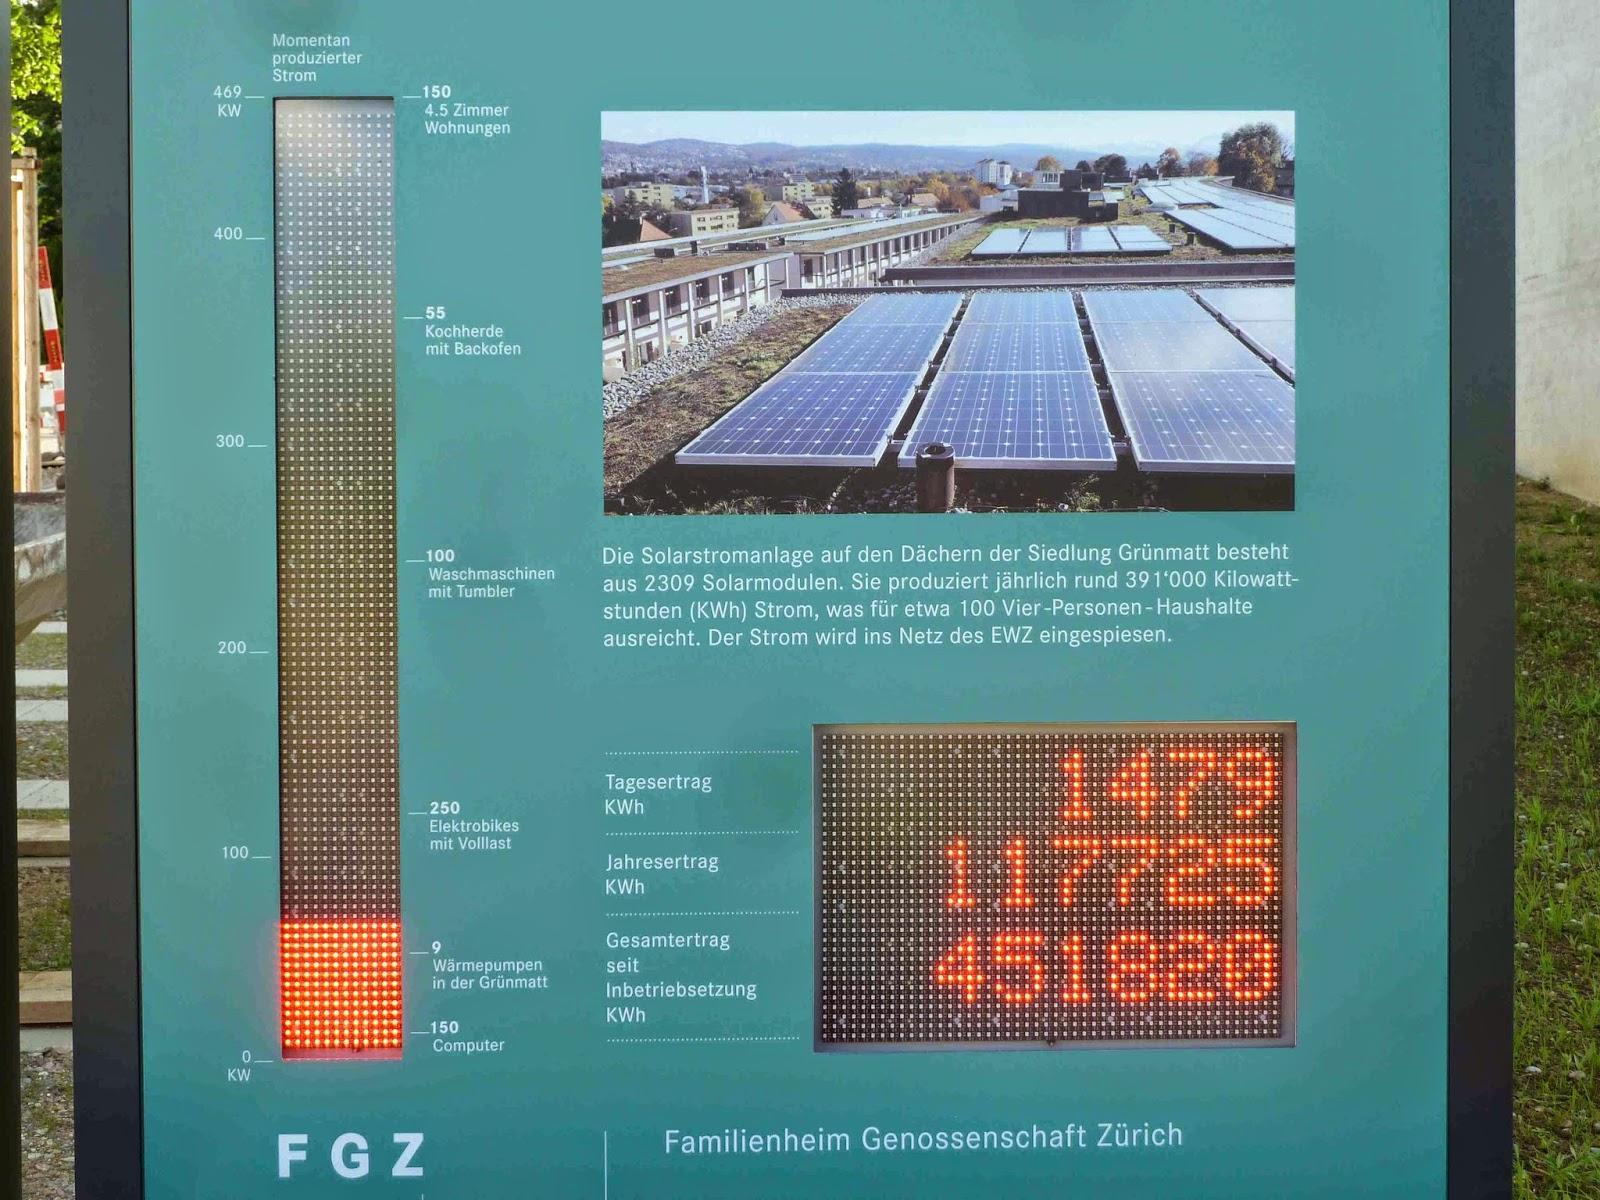 gigawattstunden in kilowattstunden